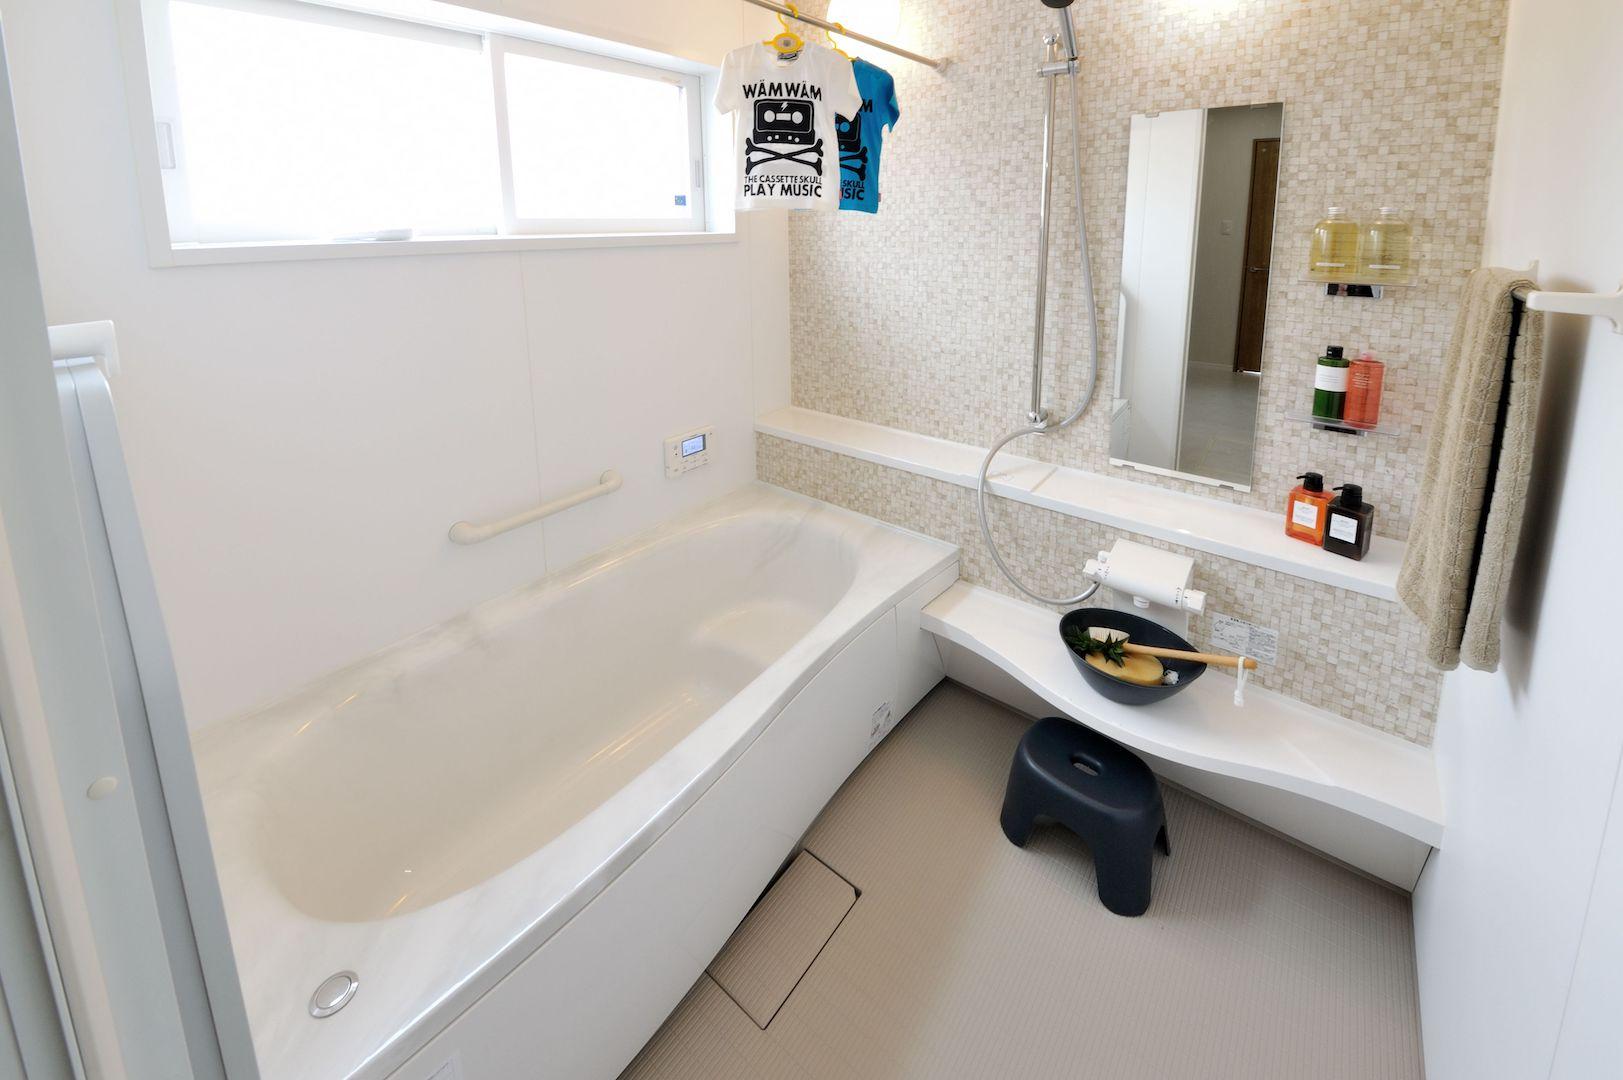 ナカジマ建設のリフォーム提案【その①】 広々したお風呂